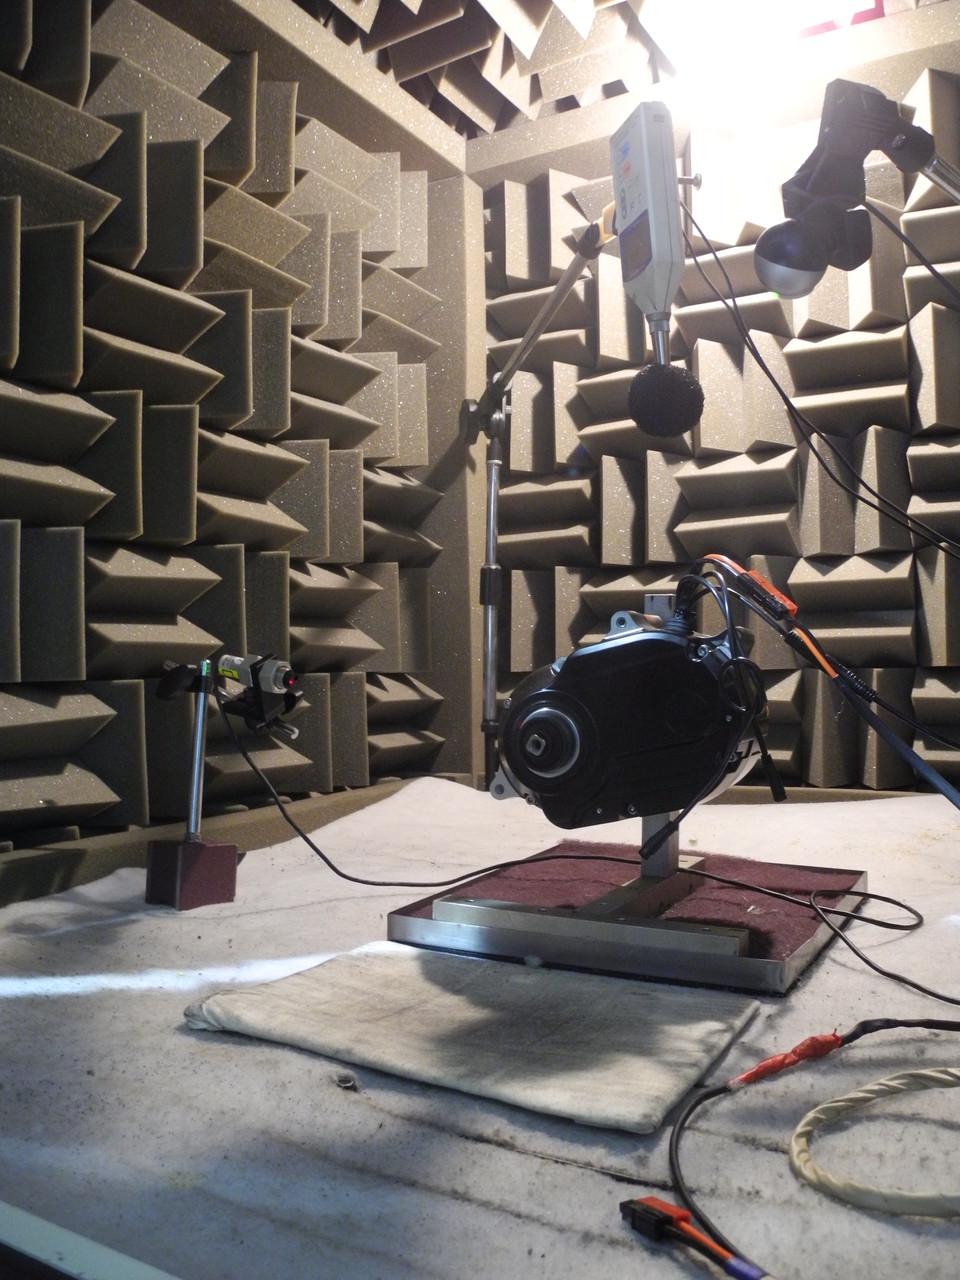 Jeder Motor wird akustisch vermessen